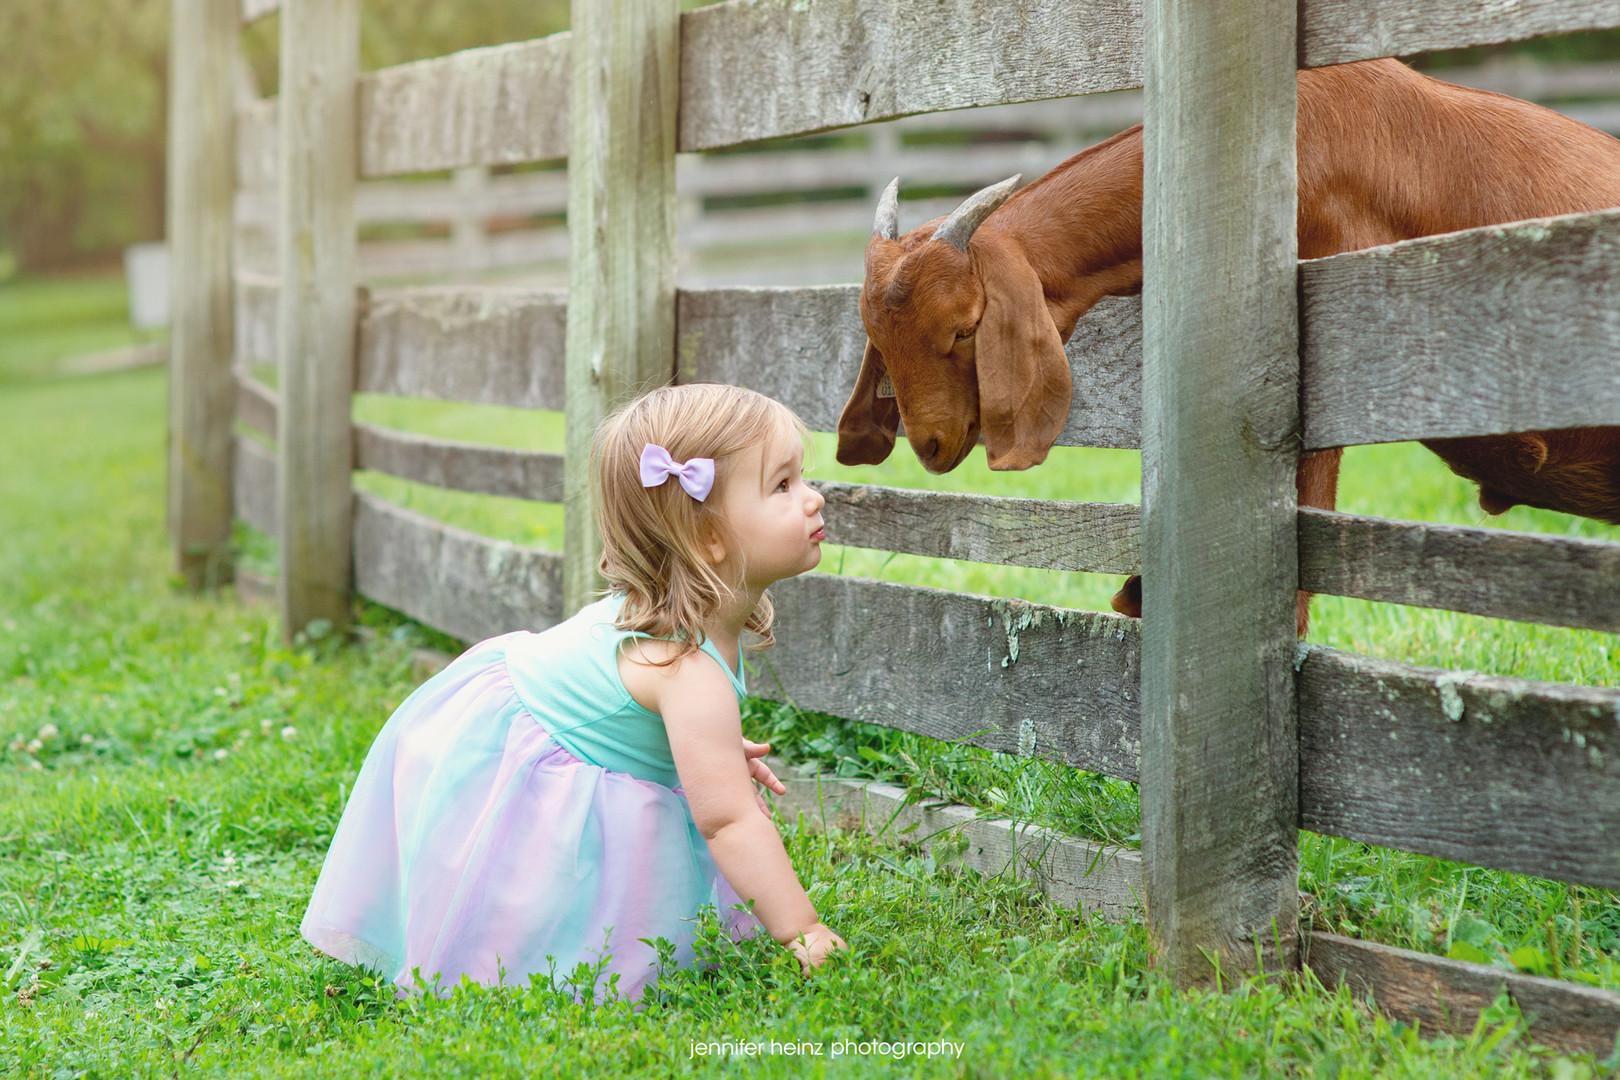 chester-county-photographer-farm-girl.jp